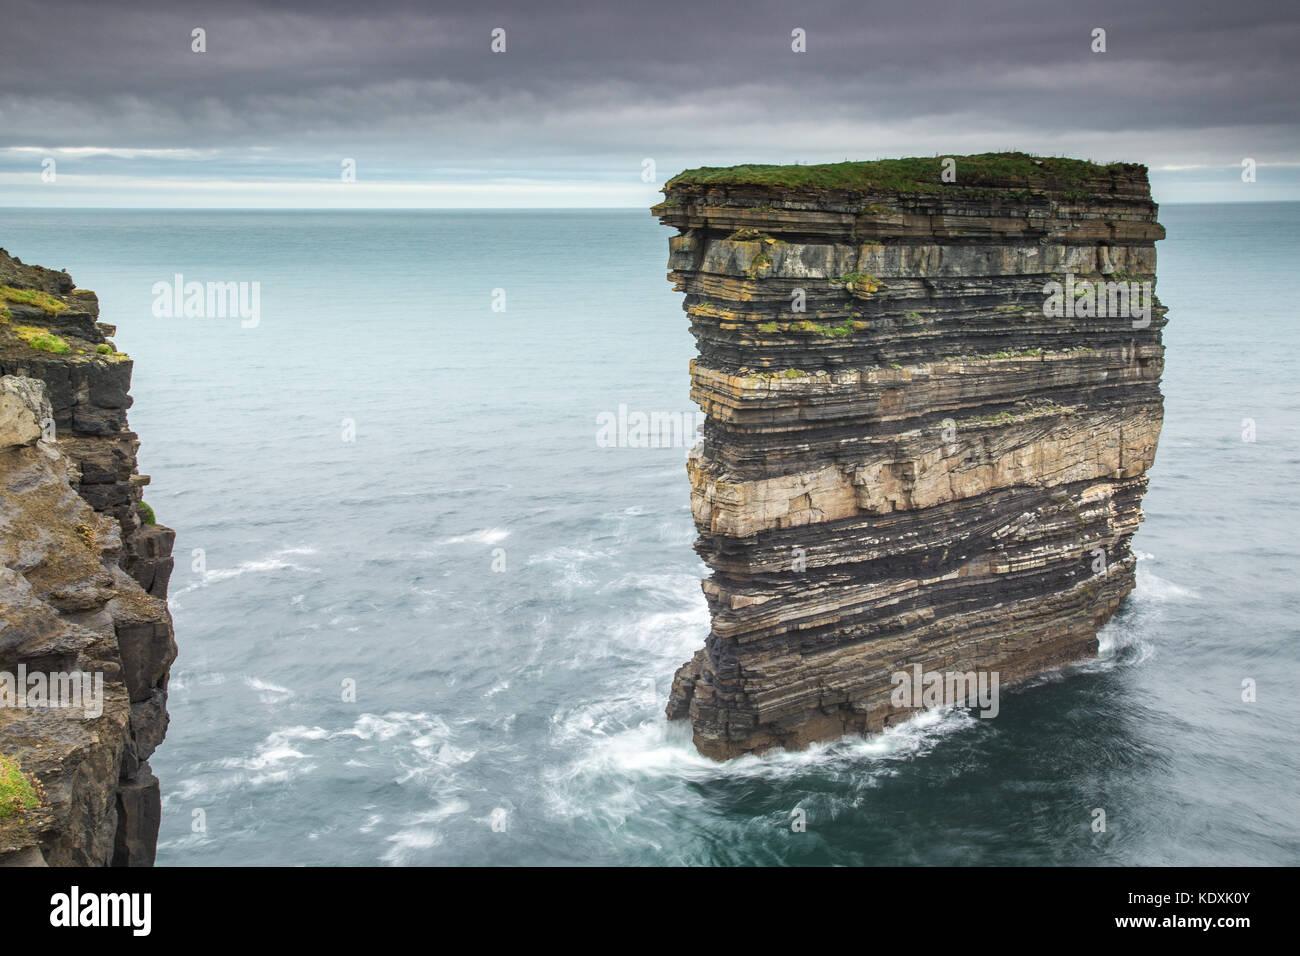 Dun Briste Sea Stack at Downpatrick Head, Co.Mayo - Stock Image